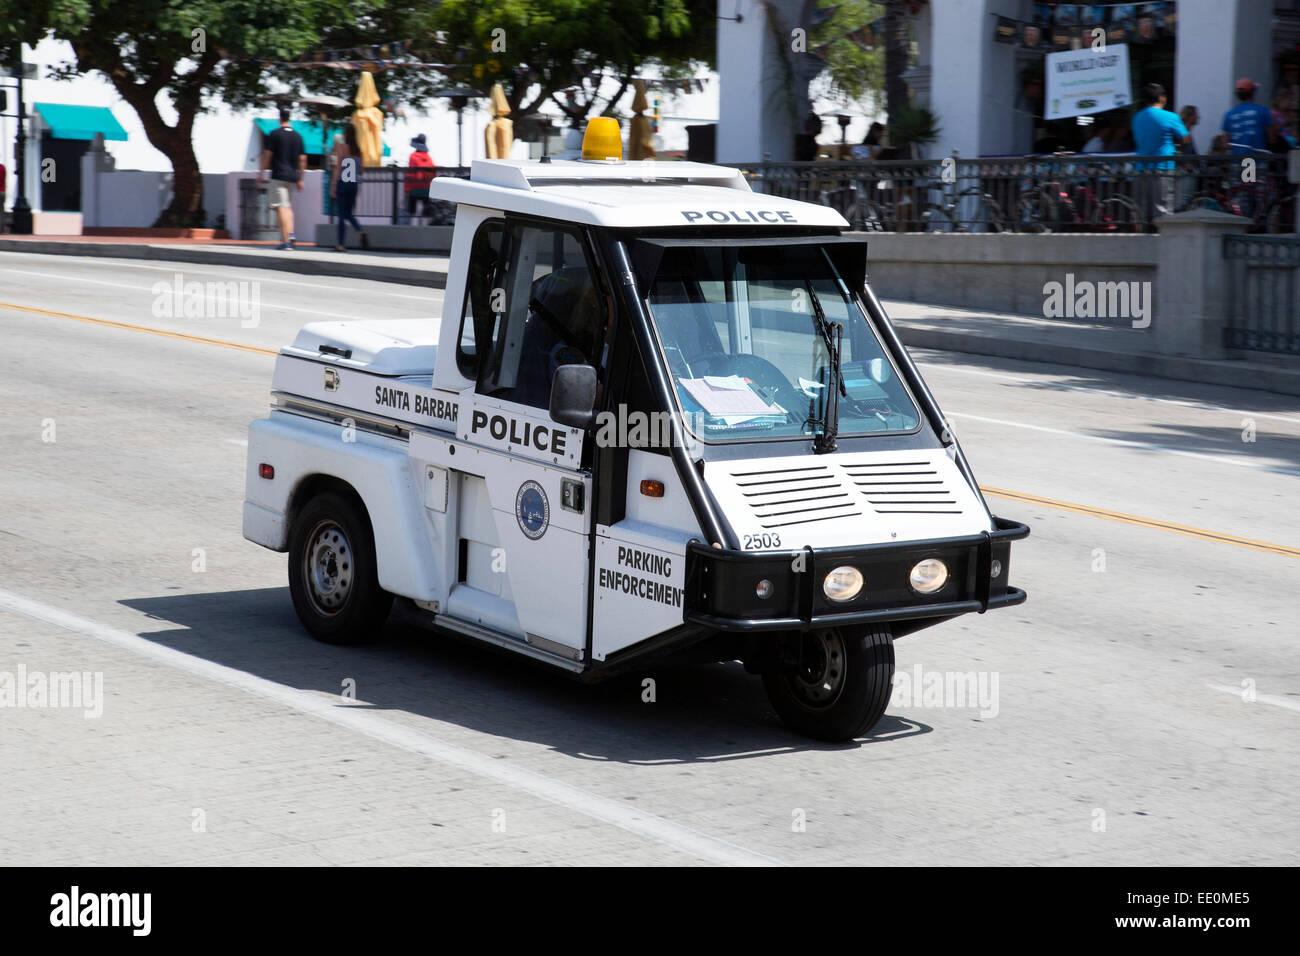 Vehículo de la policía eléctrico en State Street, en Santa Bárbara, California Imagen De Stock